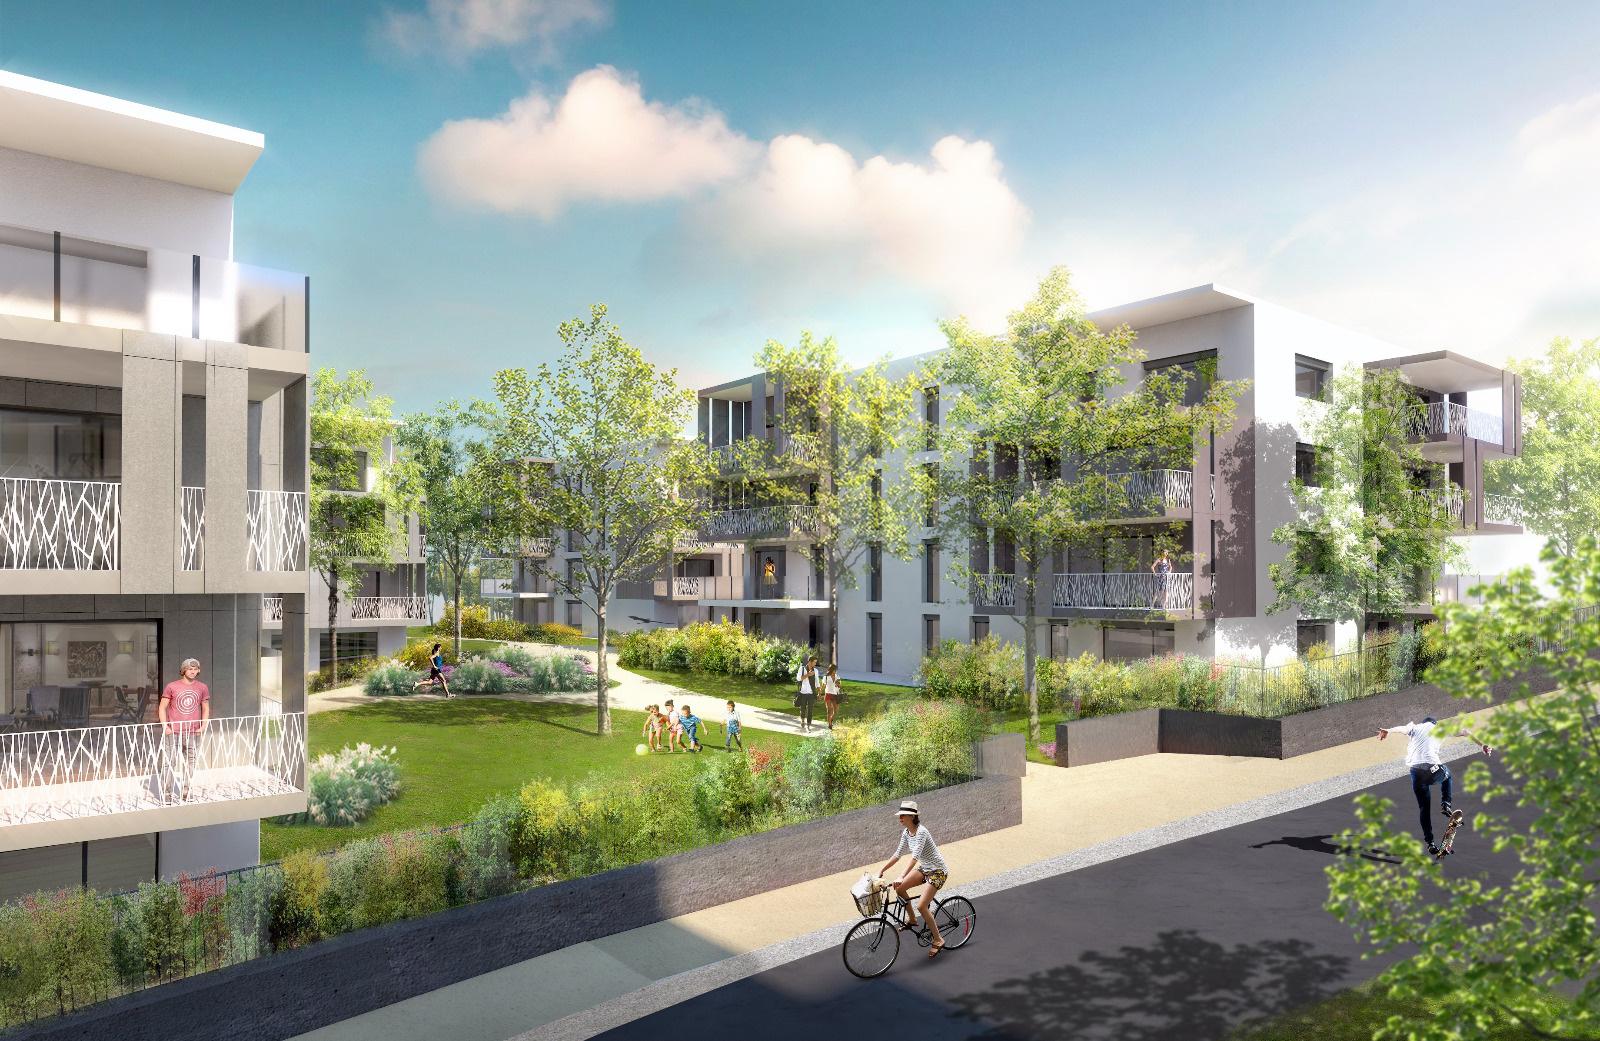 Vente appartement neuf proches d 39 annecy et geneve avec l for Achat maison annemasse